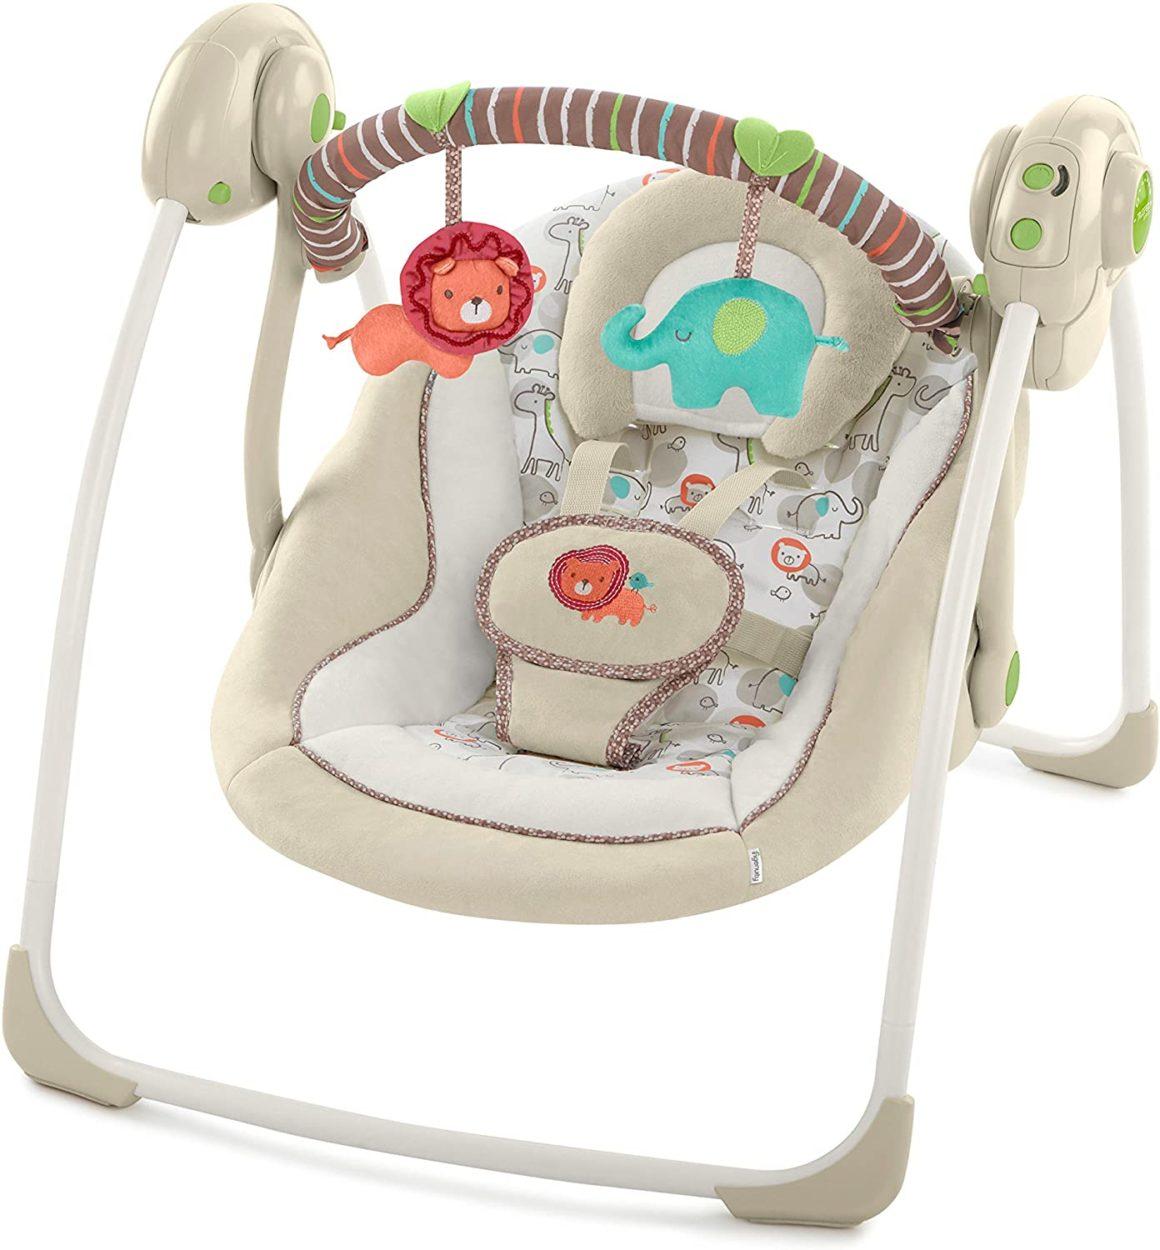 Altalena elettrica per bambini Ingenuity Cosy Kingdom